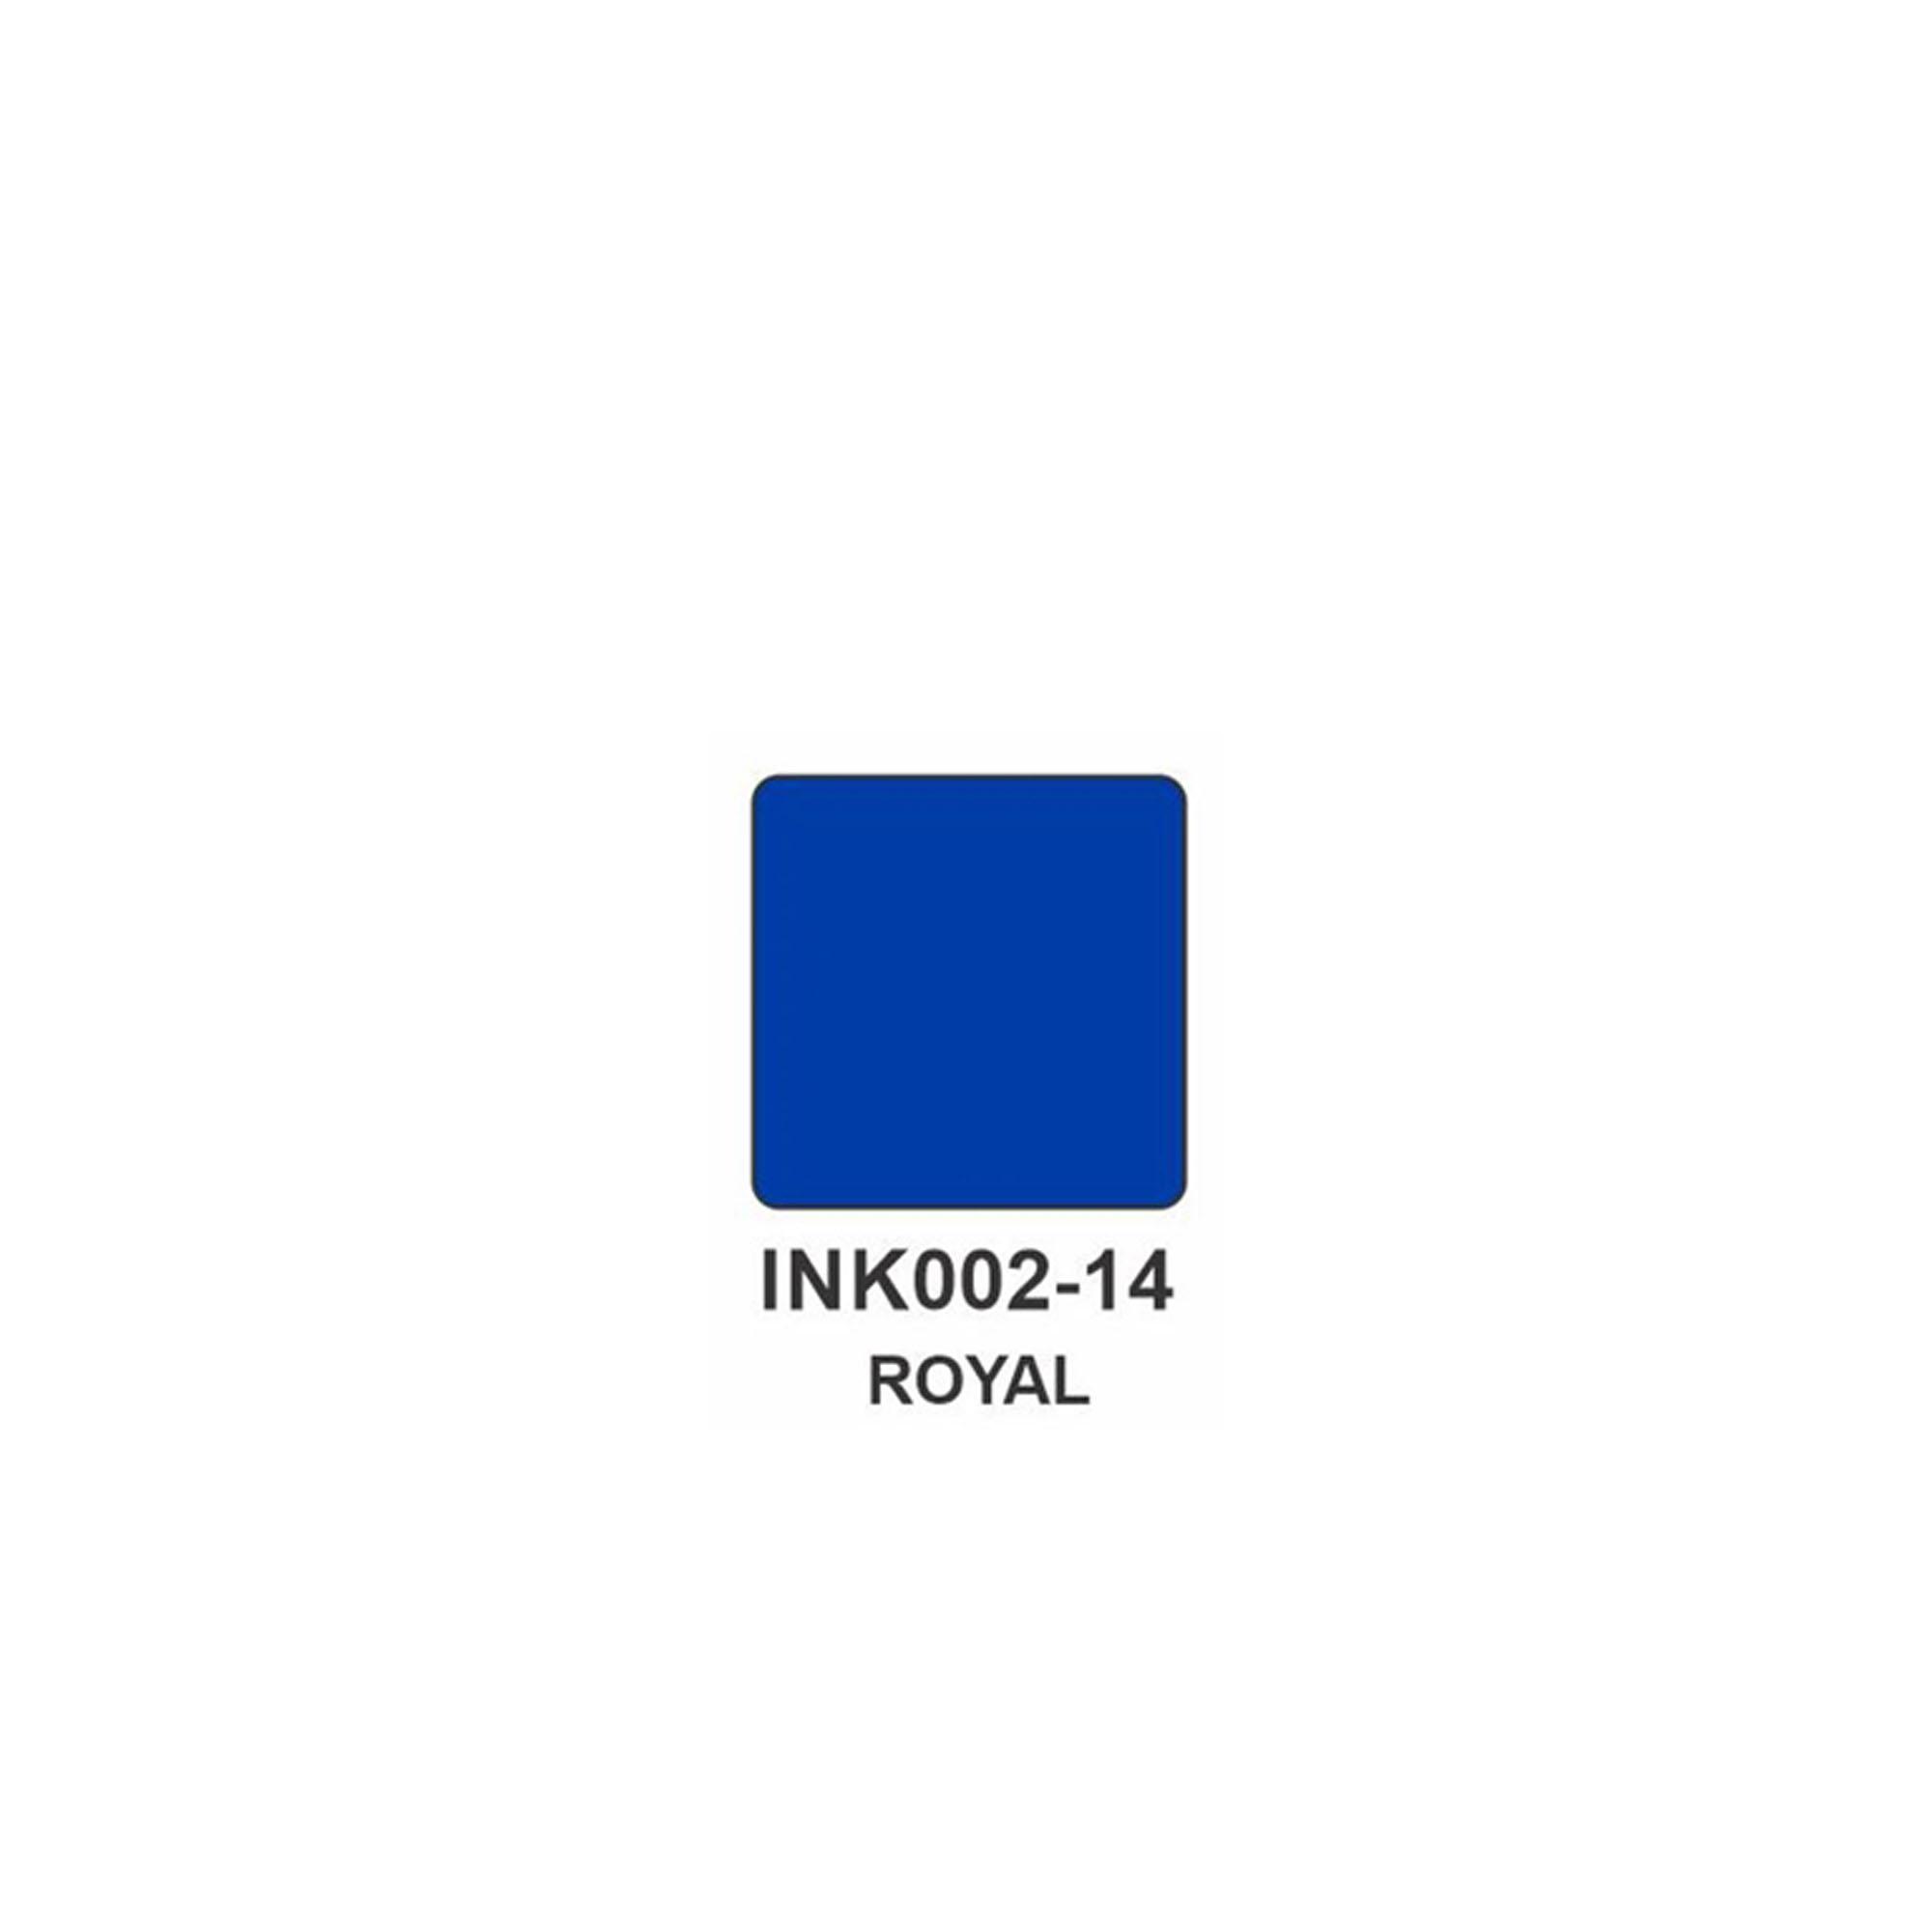 Carimbeira Art Montagem  - 3,3 x 3,3 cm - Azul Royal